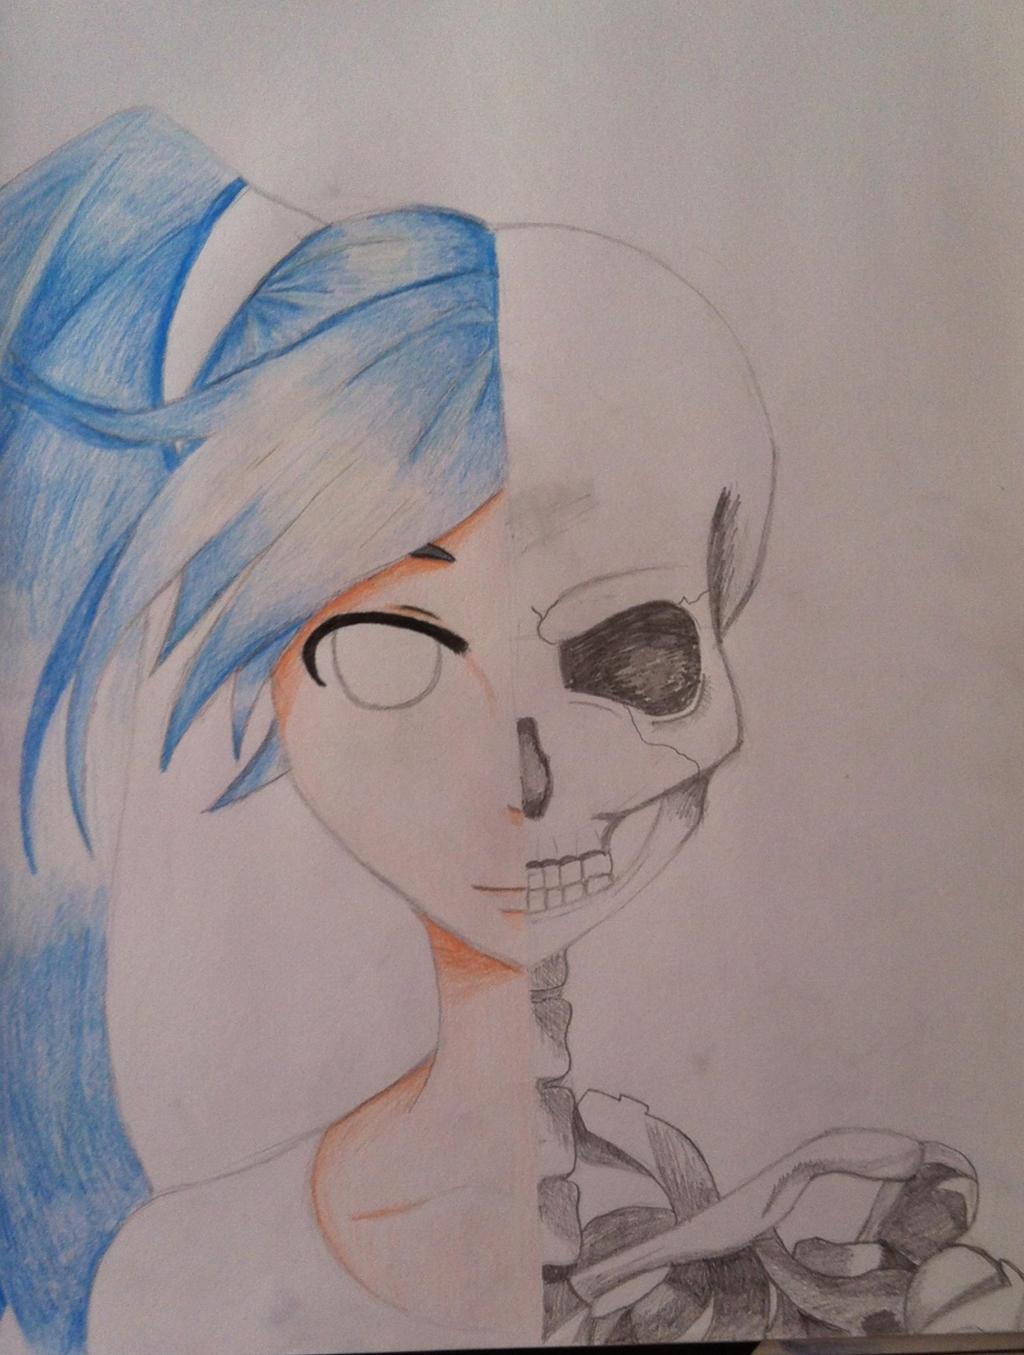 Anime Skeleton Girl By Skampeh On DeviantArt